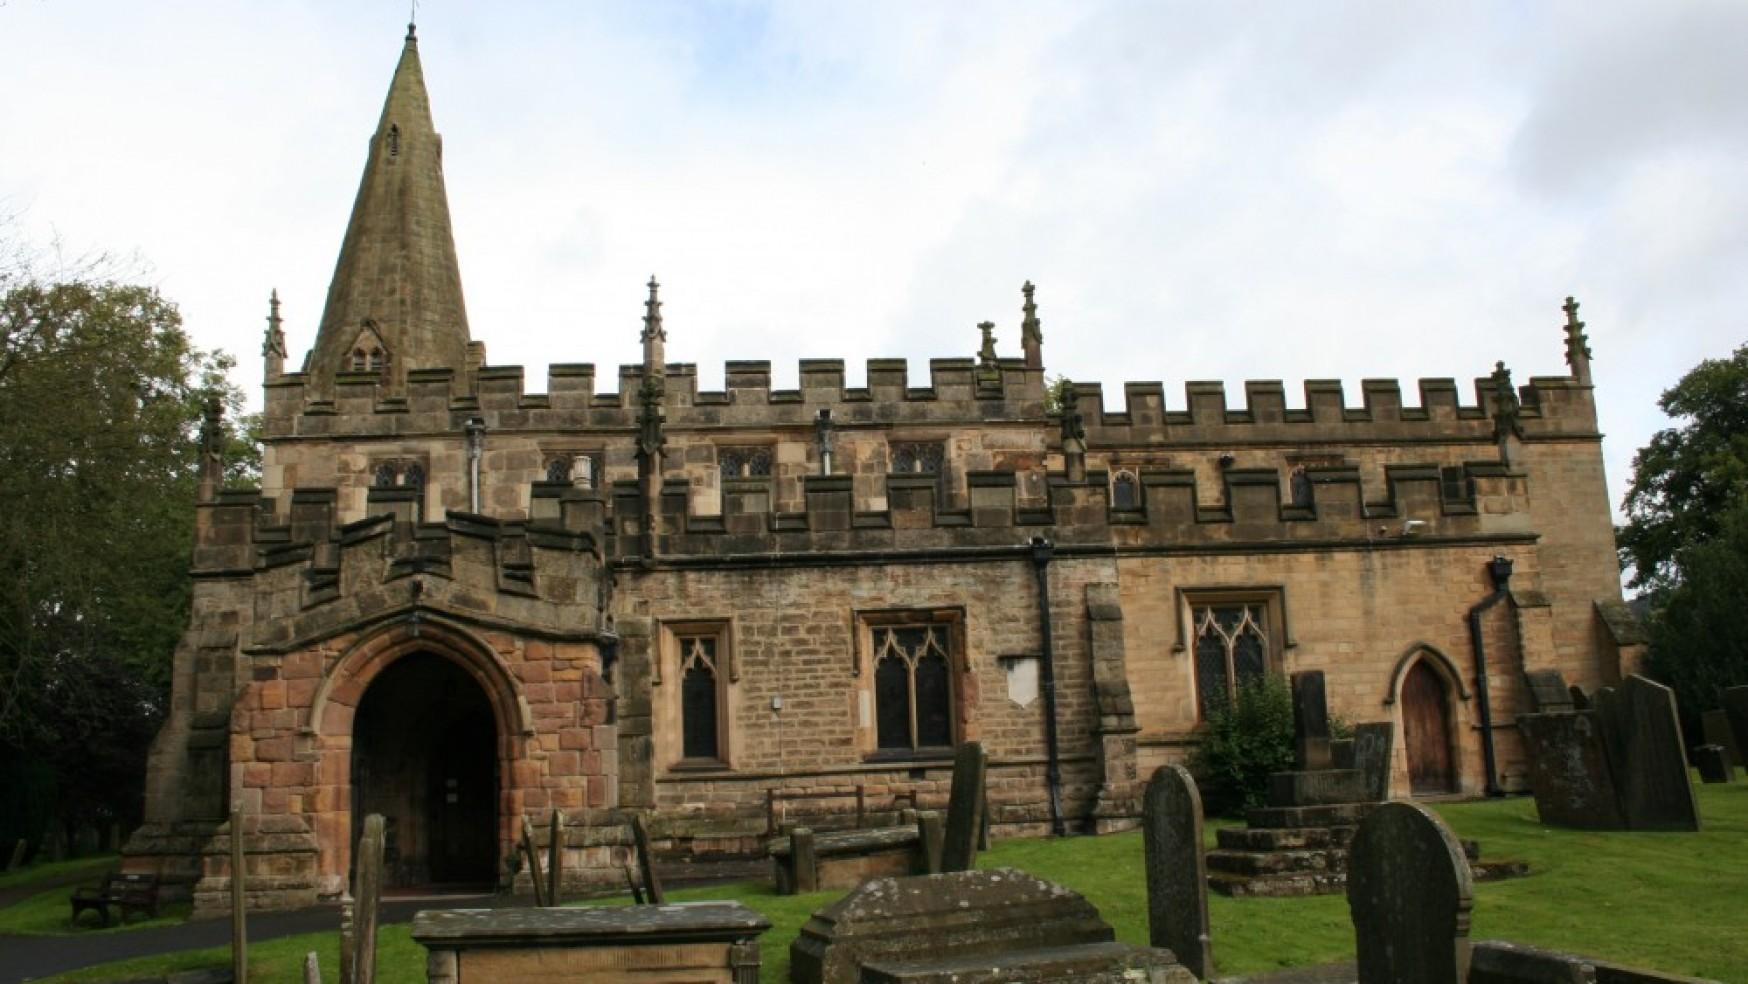 St Anne's Church Baslow